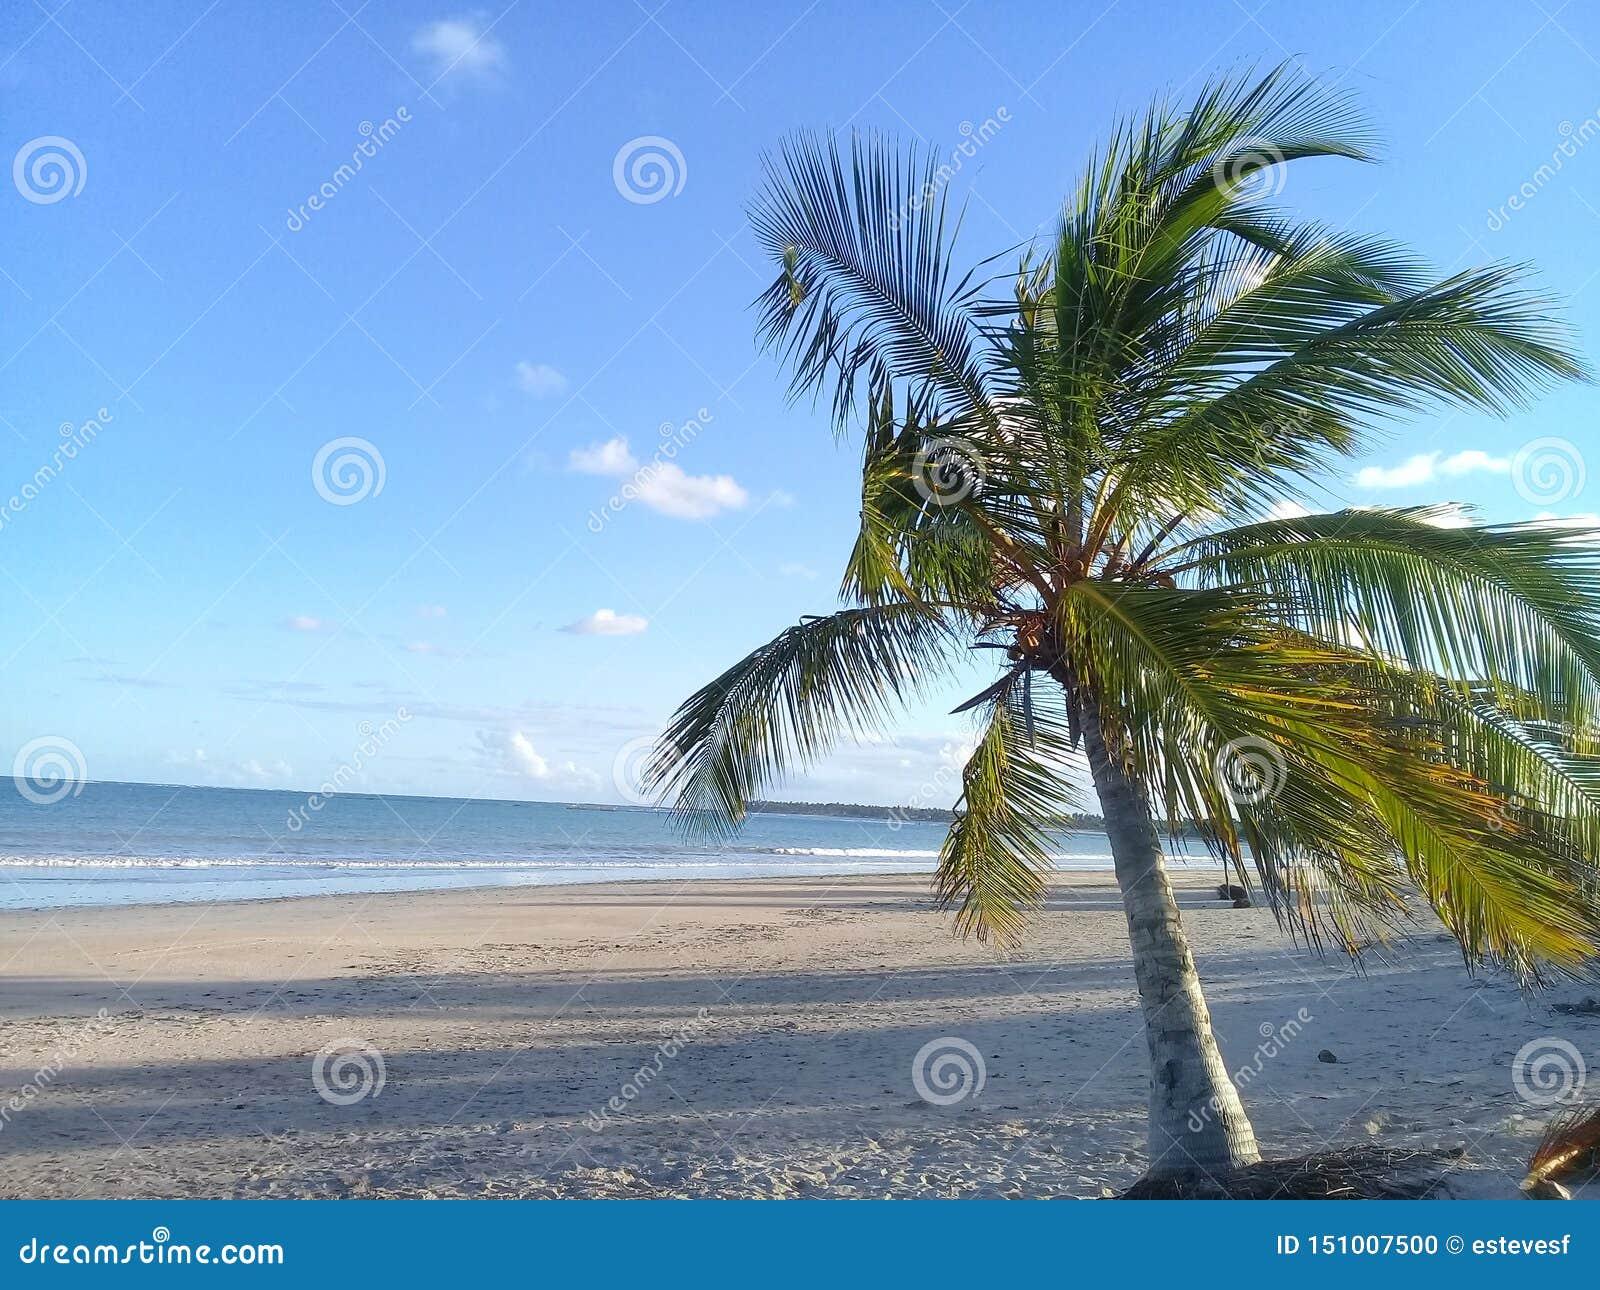 Poca palmera en la playa